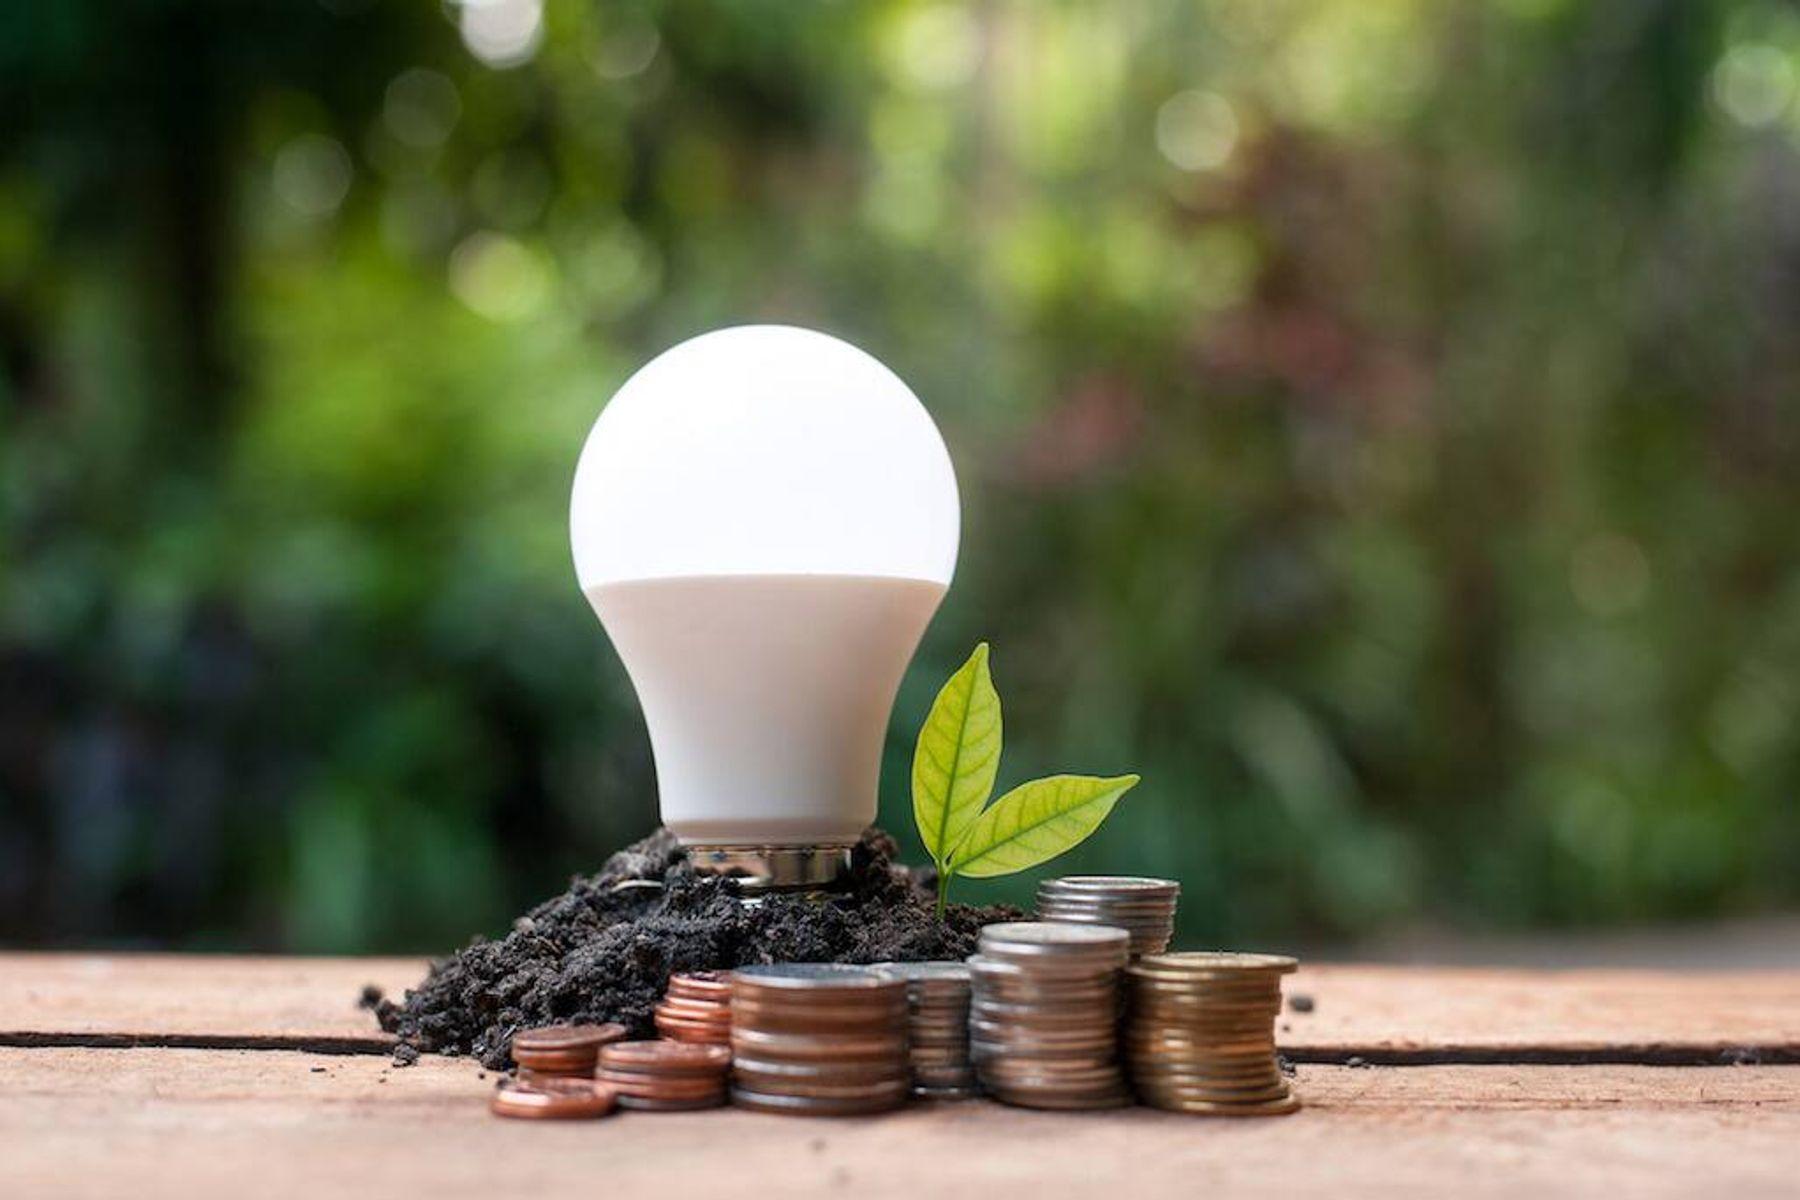 6 Cách tiết kiệm điện hiệu quả nhất hiện nay